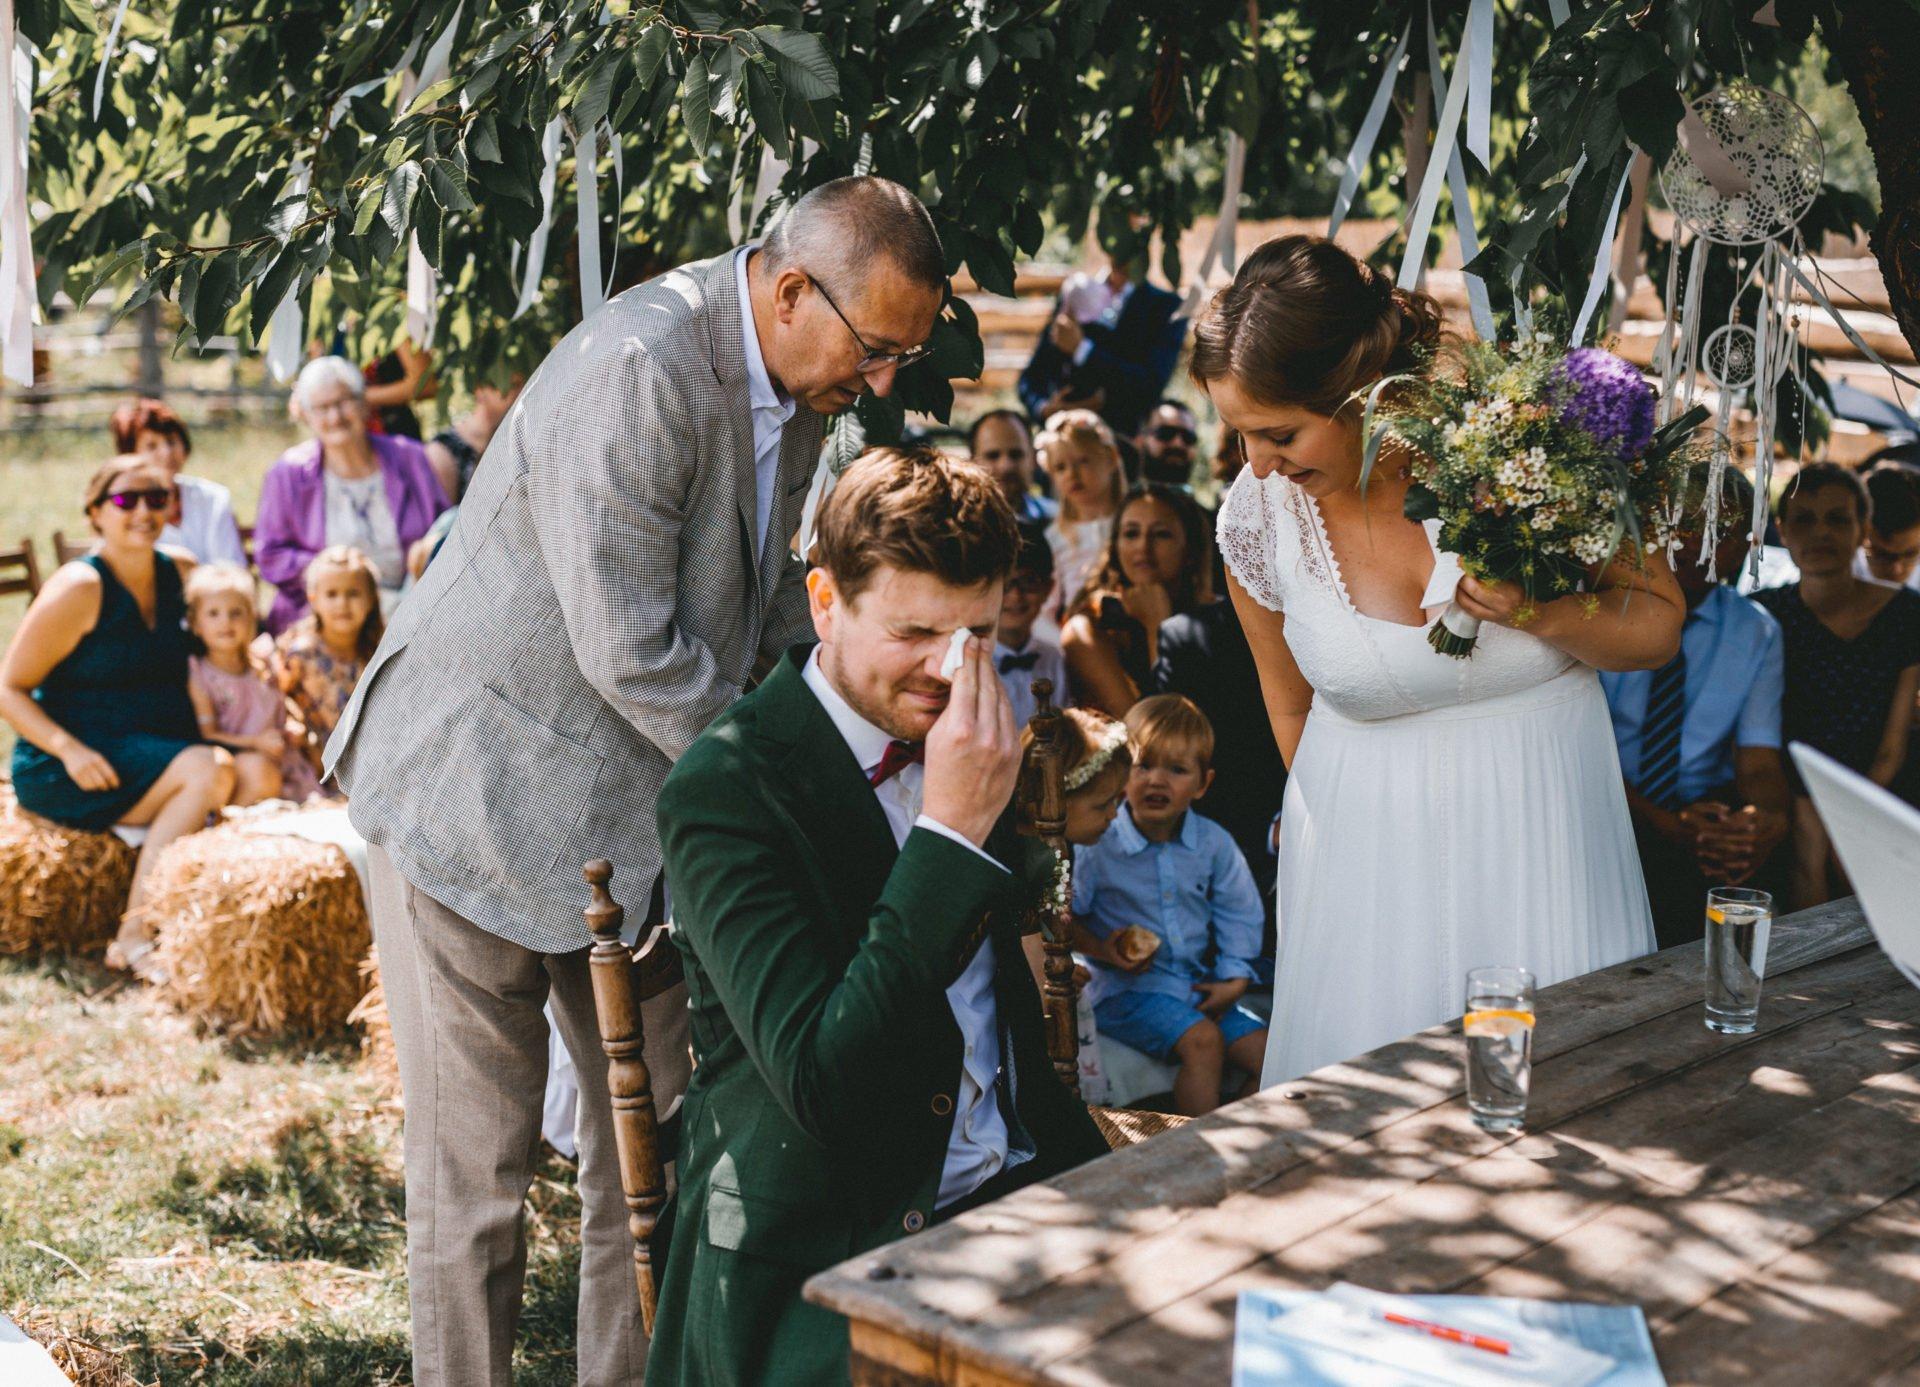 50mmfreunde Berlin Hochzeit 036 1920x1387 - Sommerhochzeit in dem Vierseithofcafé im Berliner Umland